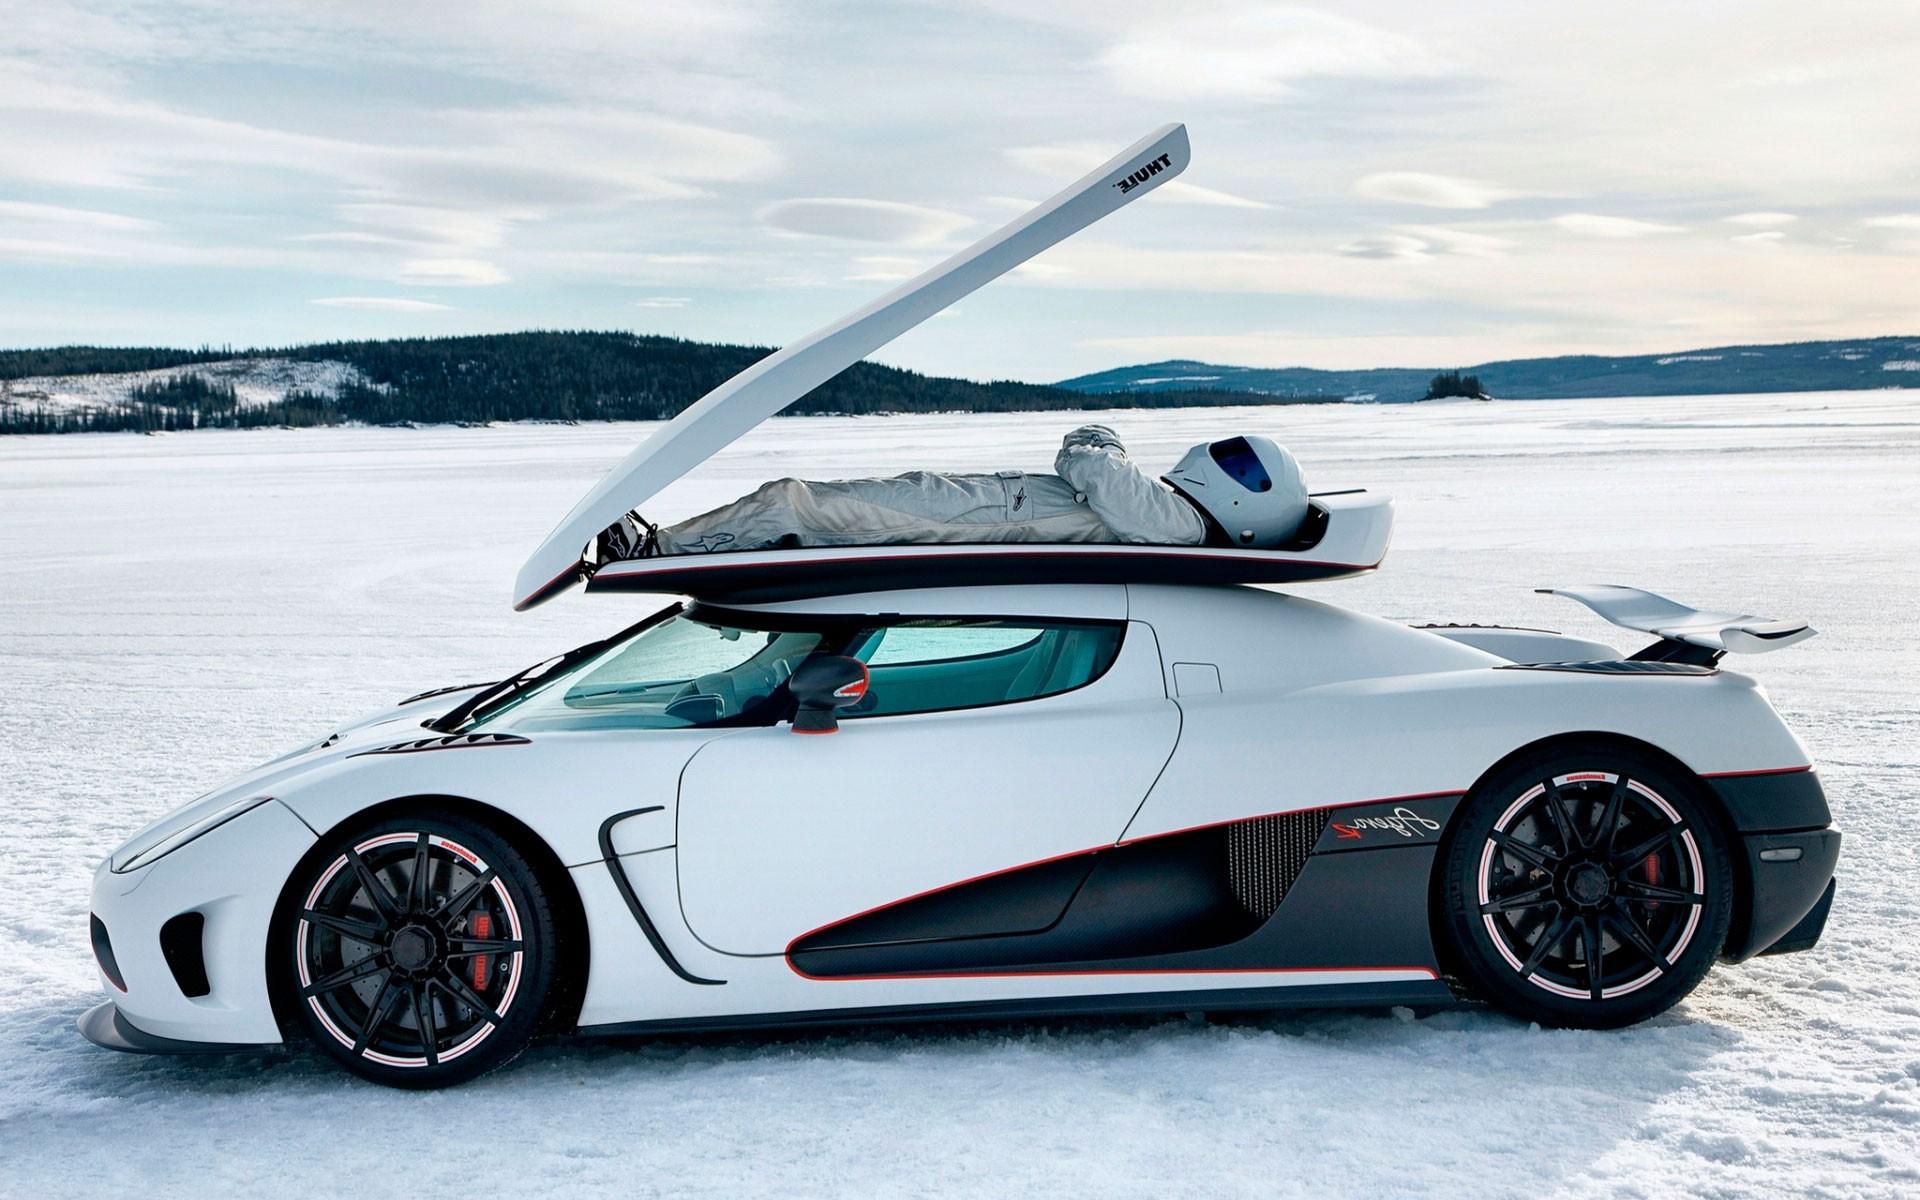 Wallpaper : winter, sports car, Koenigsegg Agera R ...